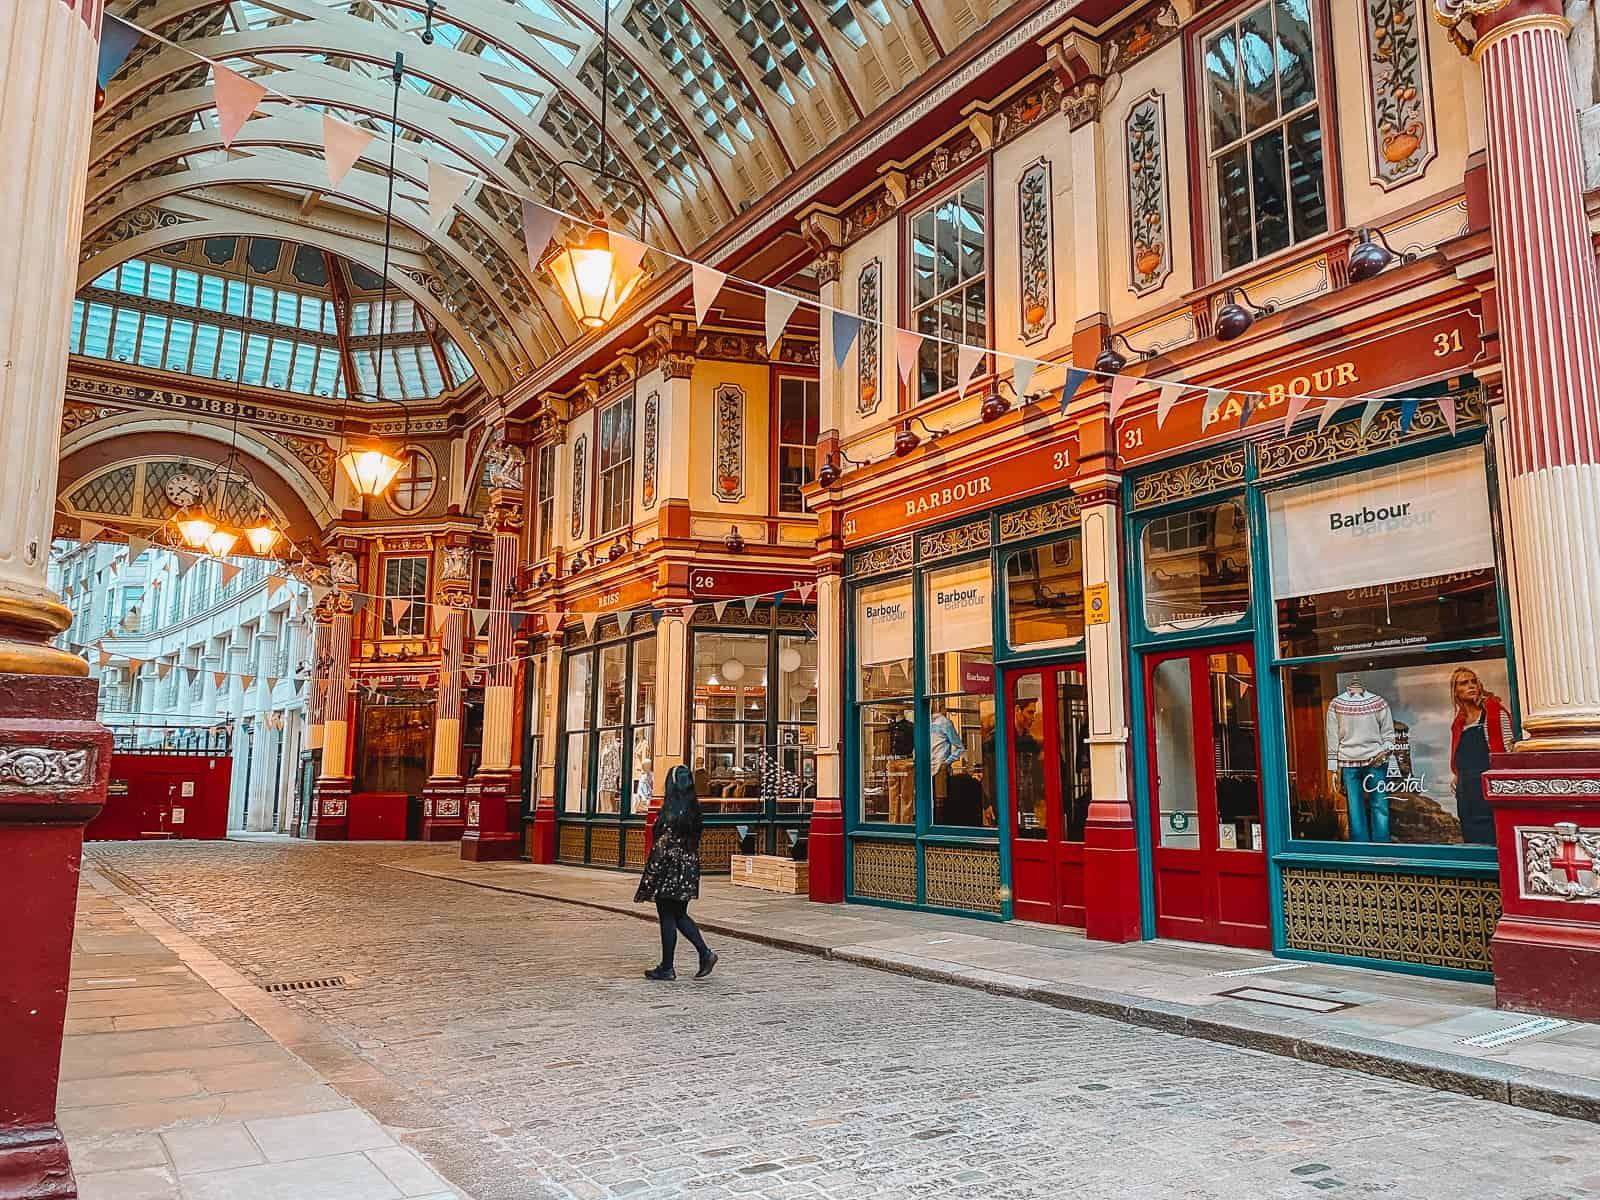 Leadenhall Market Harry Potter filming locations